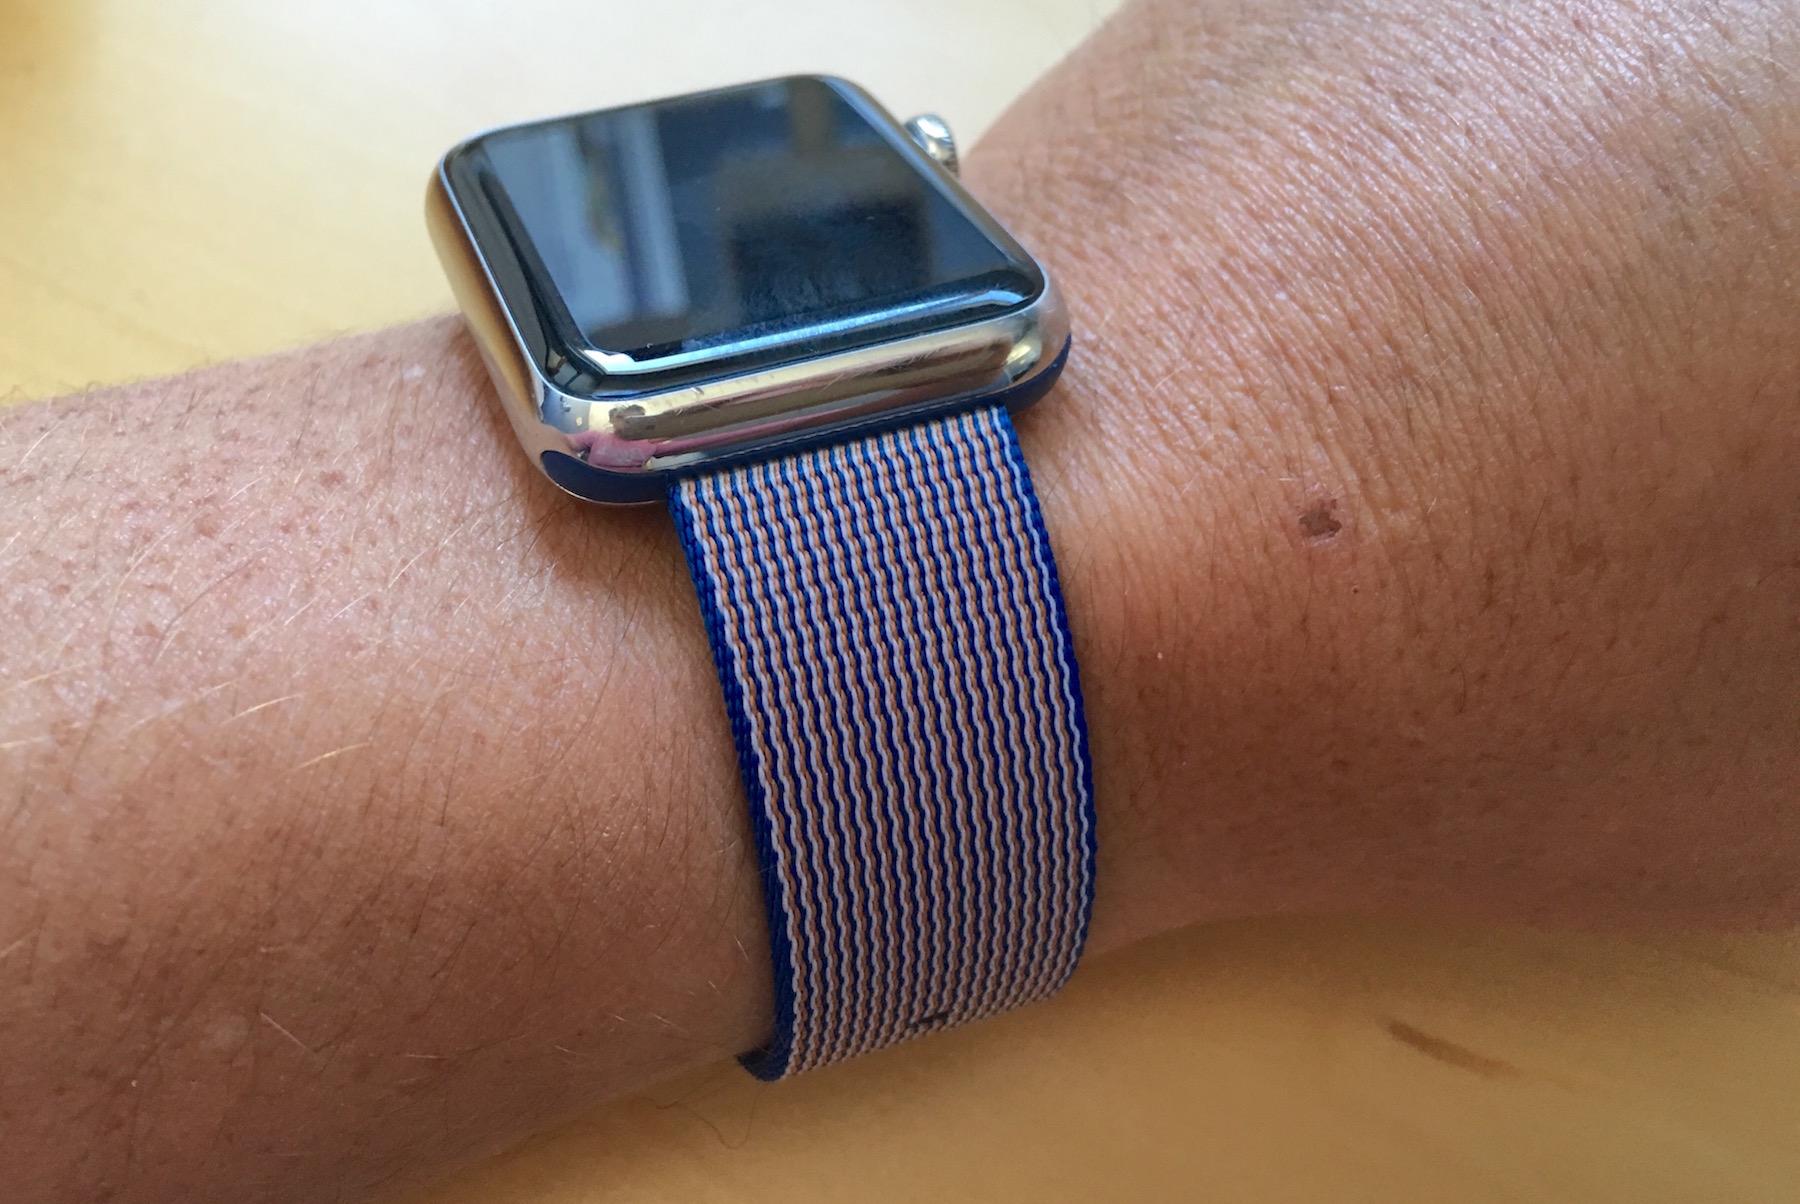 Royal blue woven nylon band